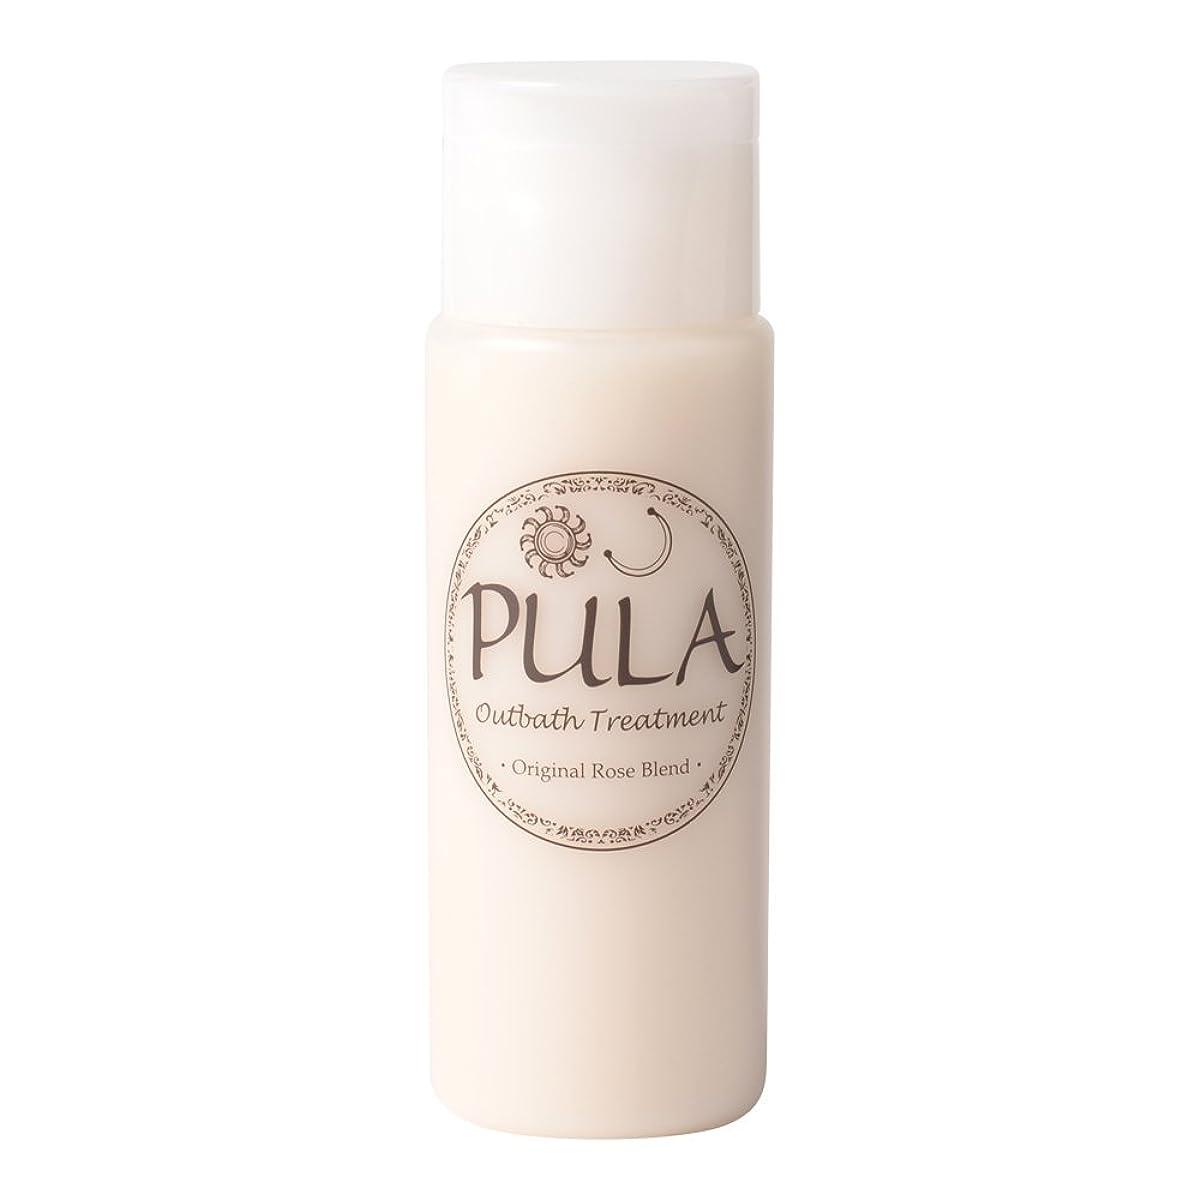 一般的に言えばウォルターカニンガムナビゲーションプーラ アウトバストリートメント 150mL 【ローズの香り】洗い流さないタイプのトリートメント  ヘッドスパ専門店 PULA